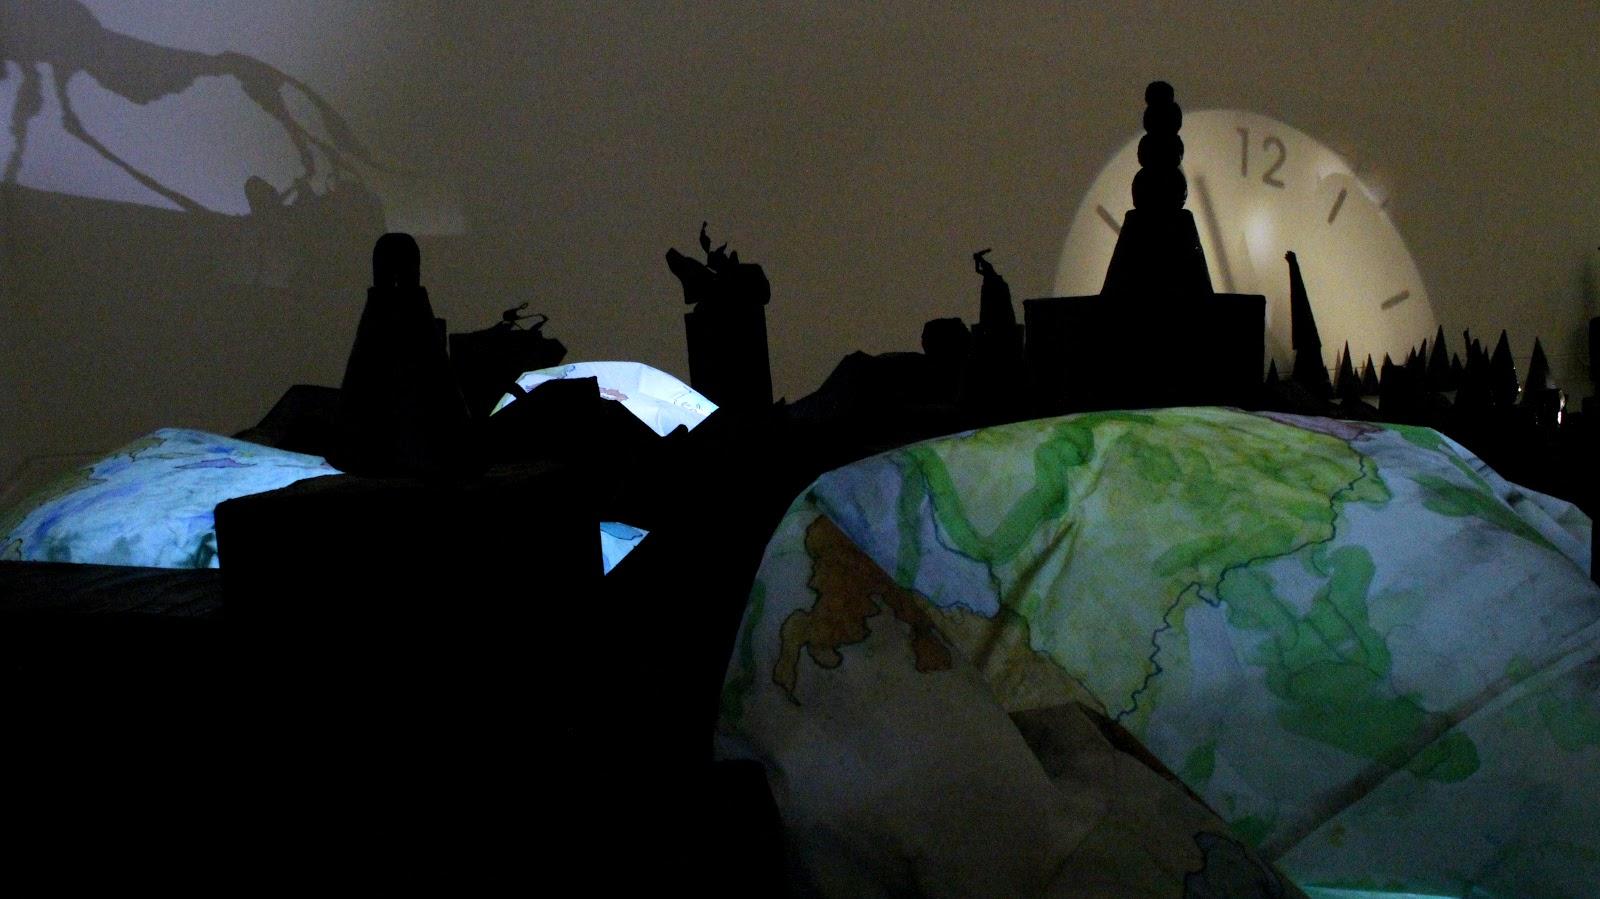 La zone de silence exposition continents noirs d 39 annette messager au mus e d 39 art moderne et - Musee d art moderne et contemporain de strasbourg ...